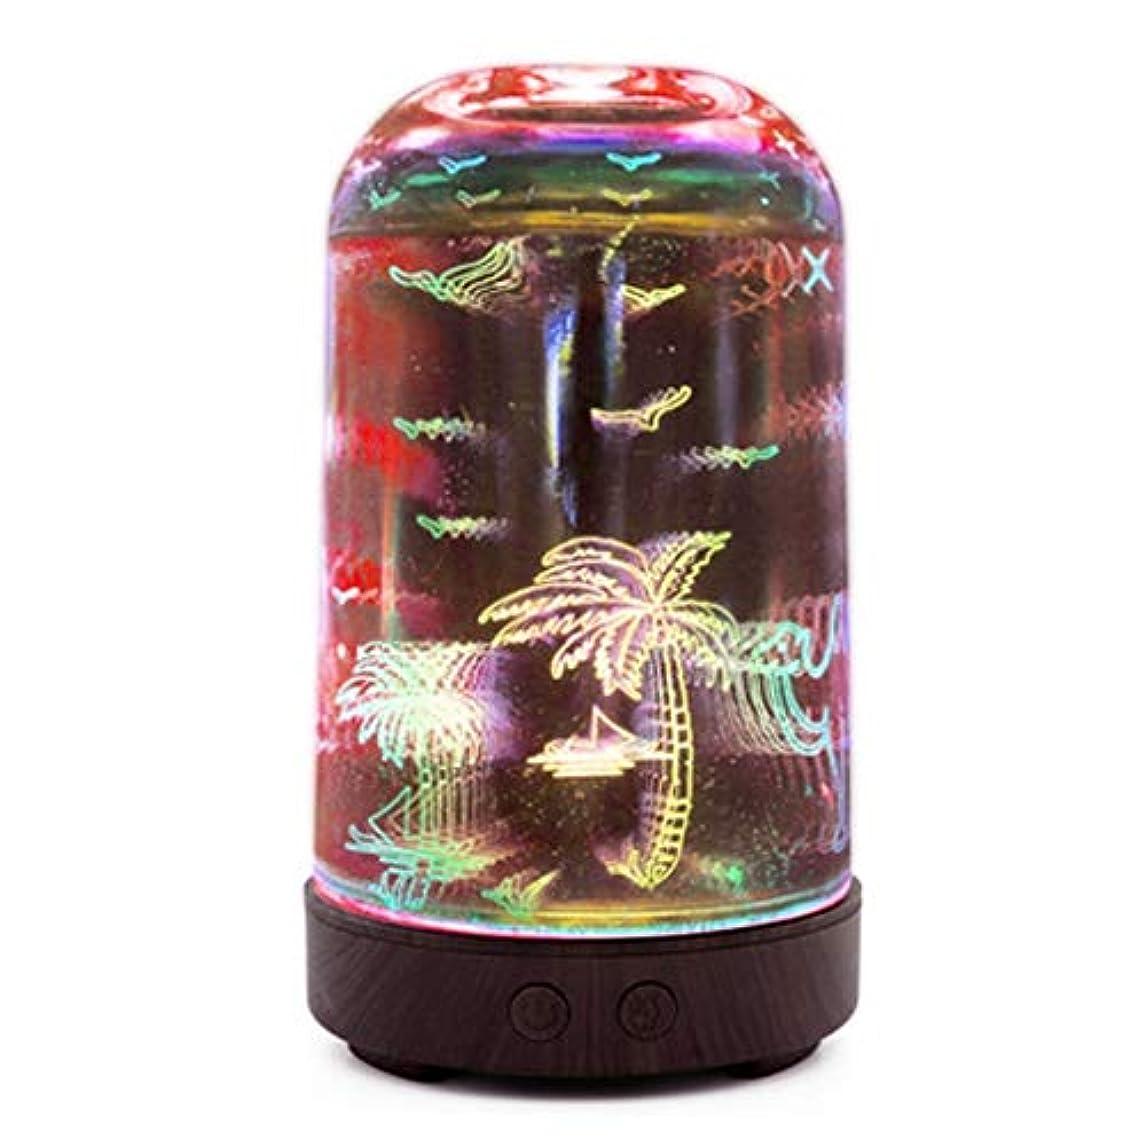 援助アブセイ起点すばらしいLEDライト、便利な自動操業停止および大きい水漕が付いている3Dガラス100mlギャラクシー優れた超音波加湿器 (Color : Coconut tree)